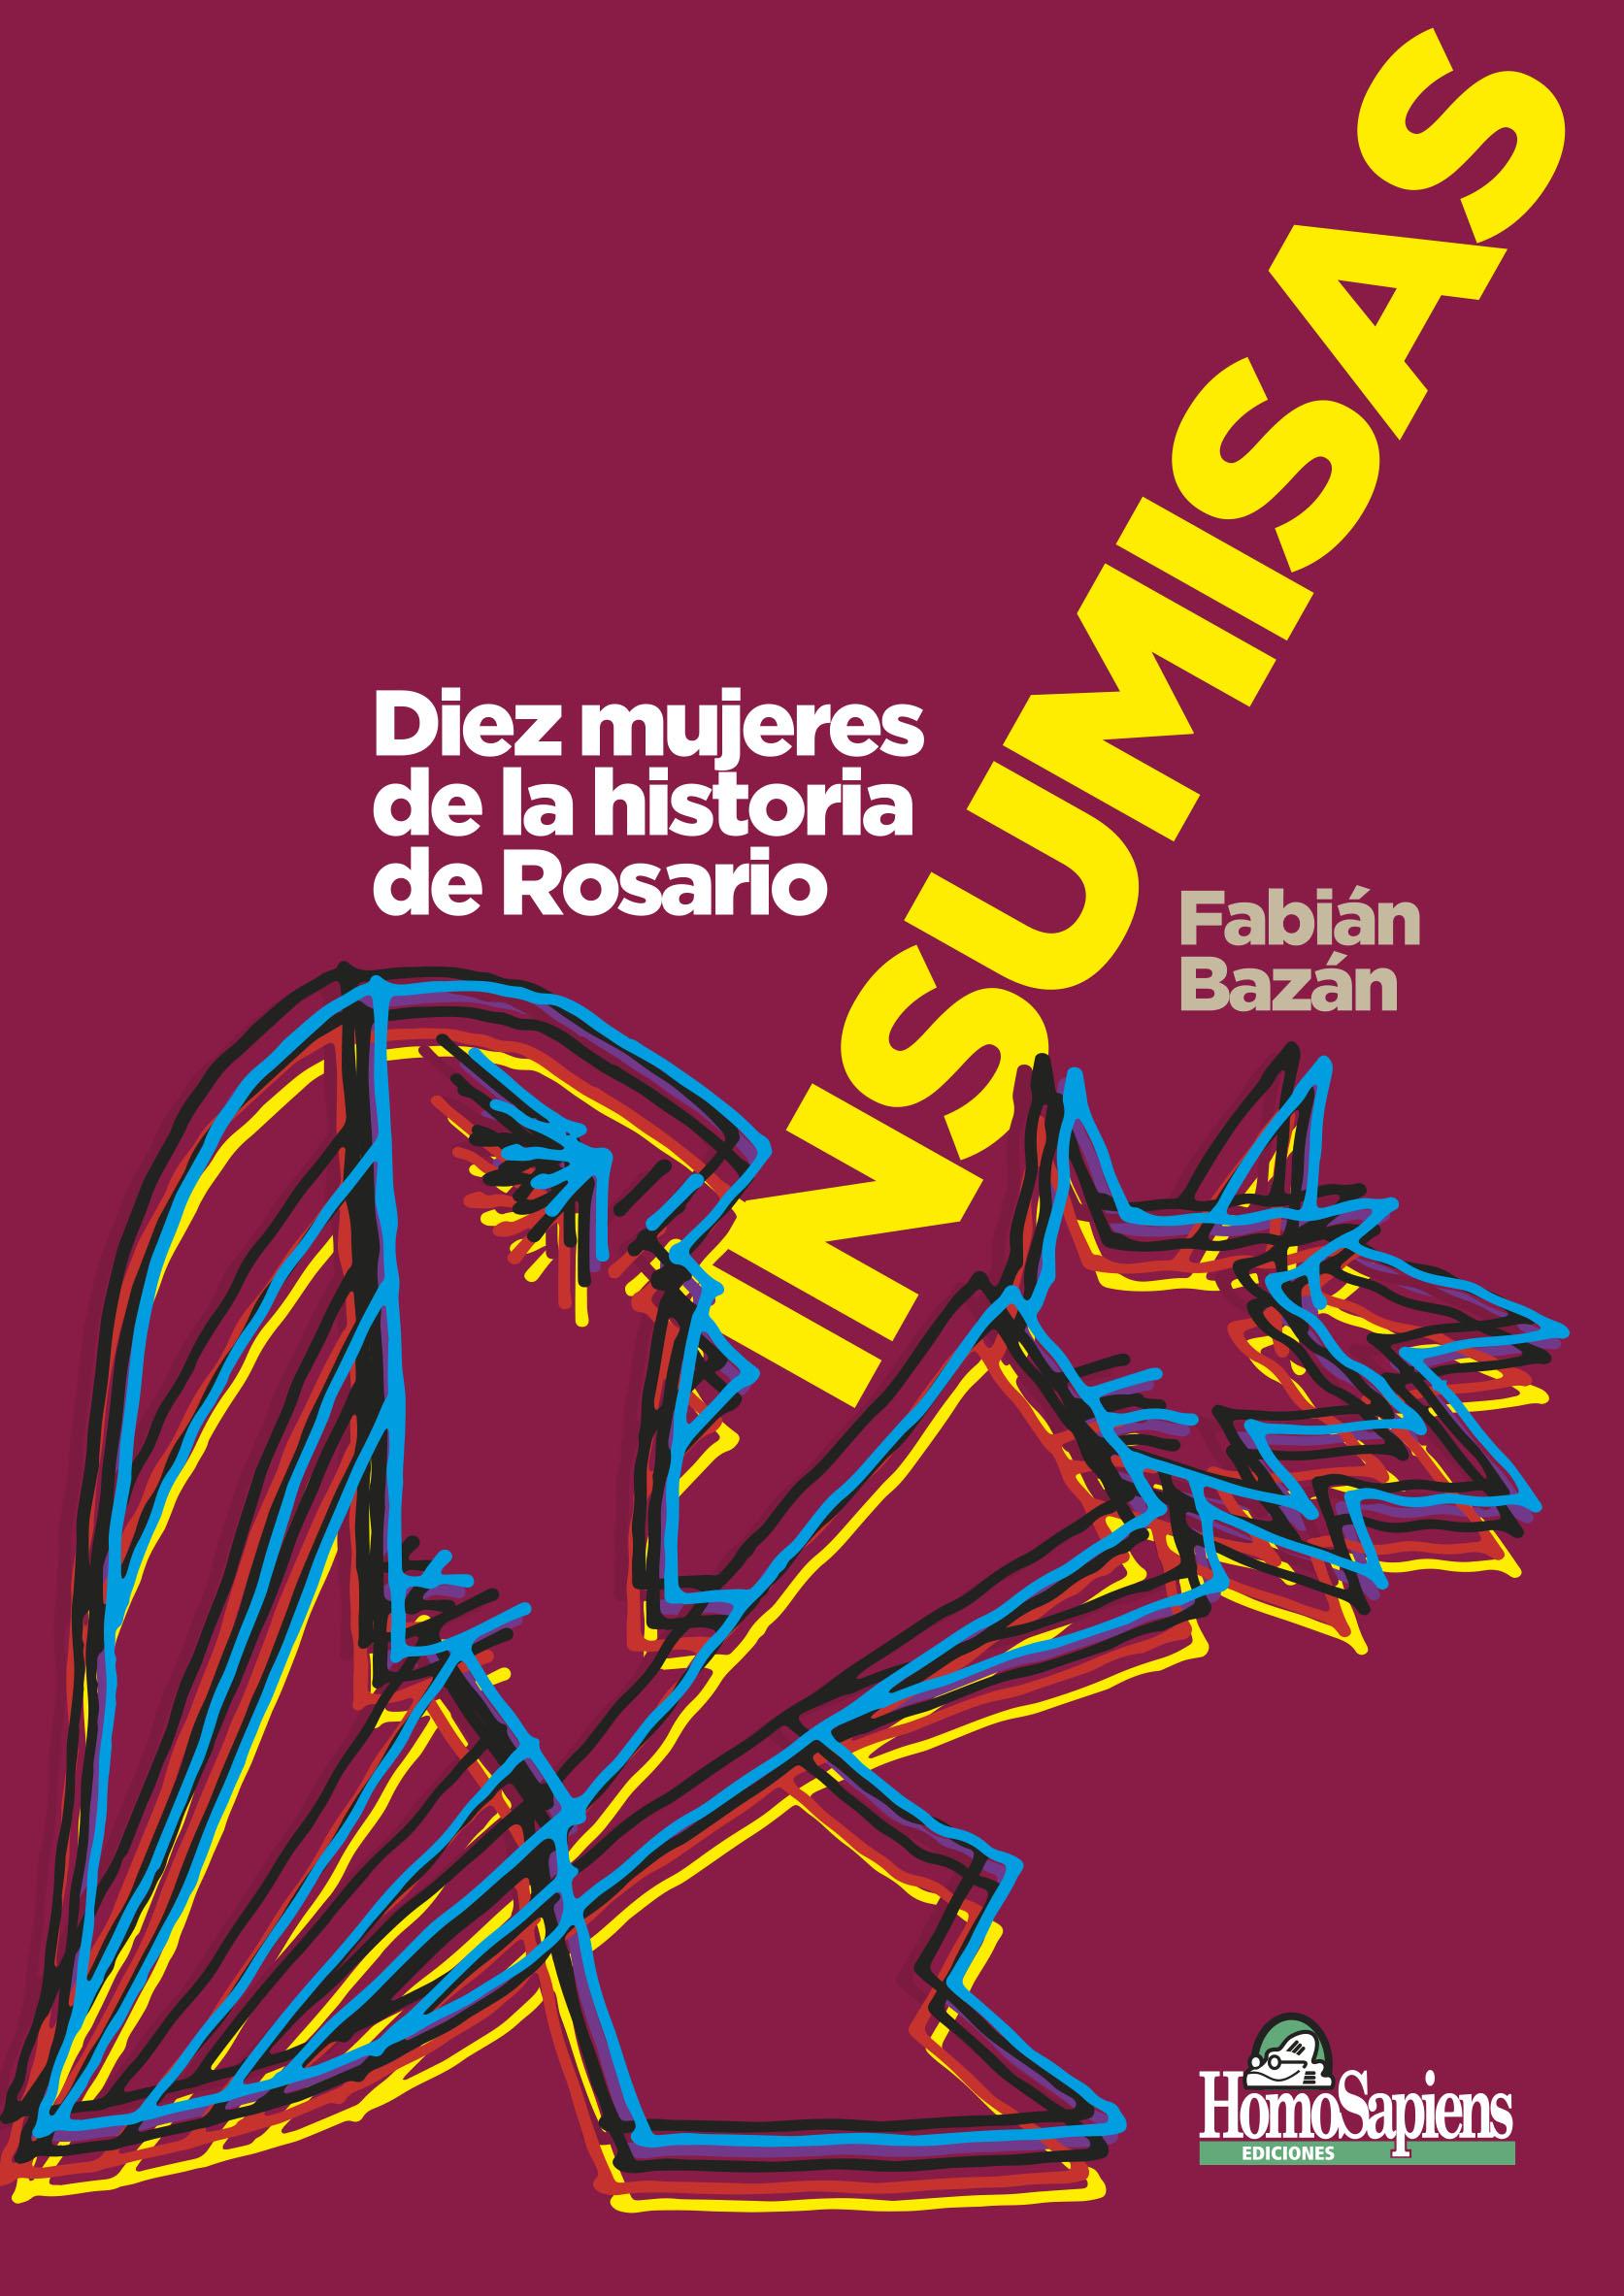 Insumisas. Diez mujeres de la historia de Rosario